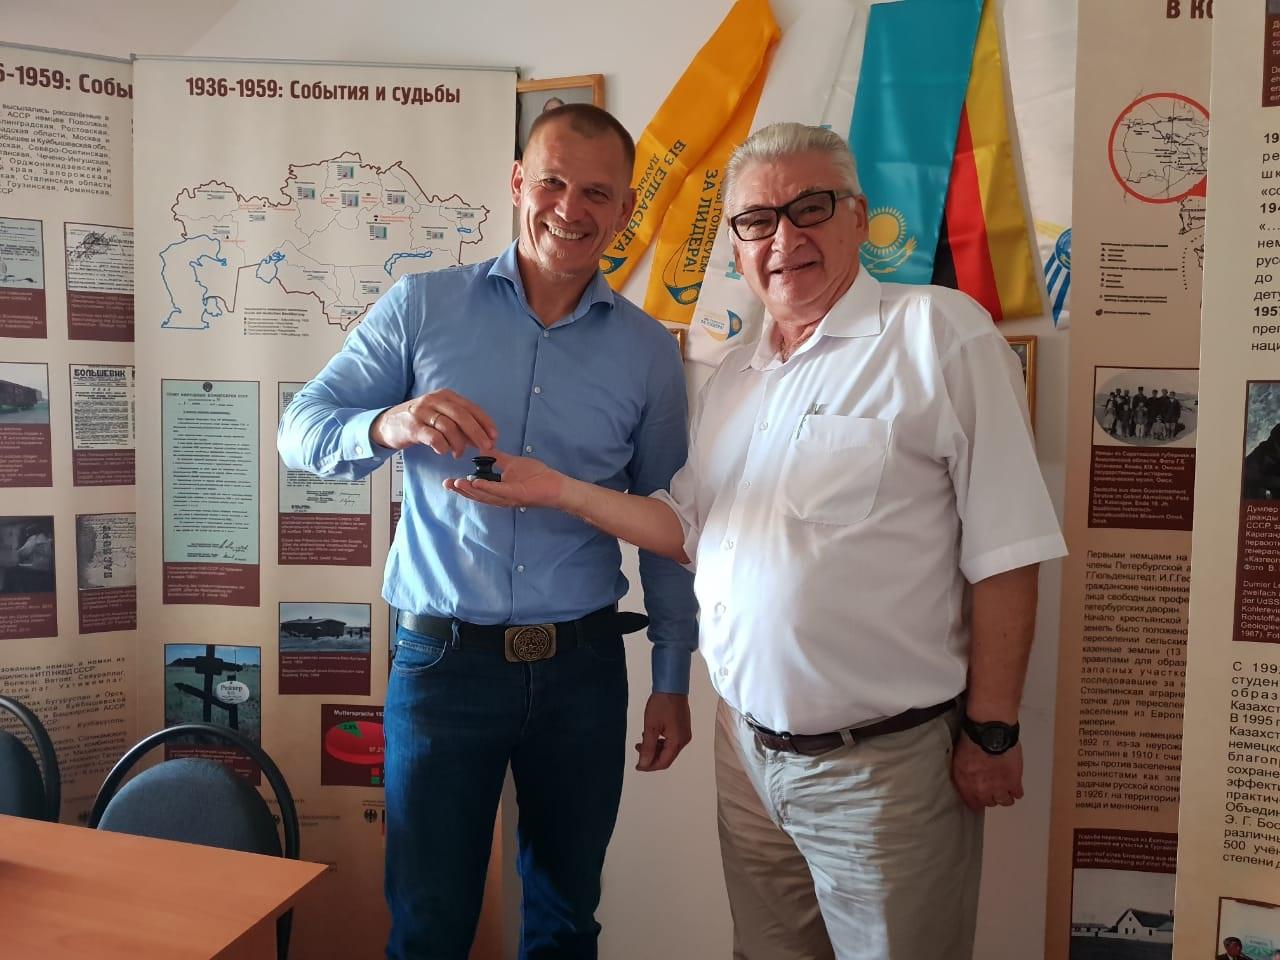 На альтернативной основе новым председателем общества немцев «Wiedergeburt» Атырауской области был избран Олег Иосифович Шмаль, главный инженер ТОО «Светланд-Ойл».